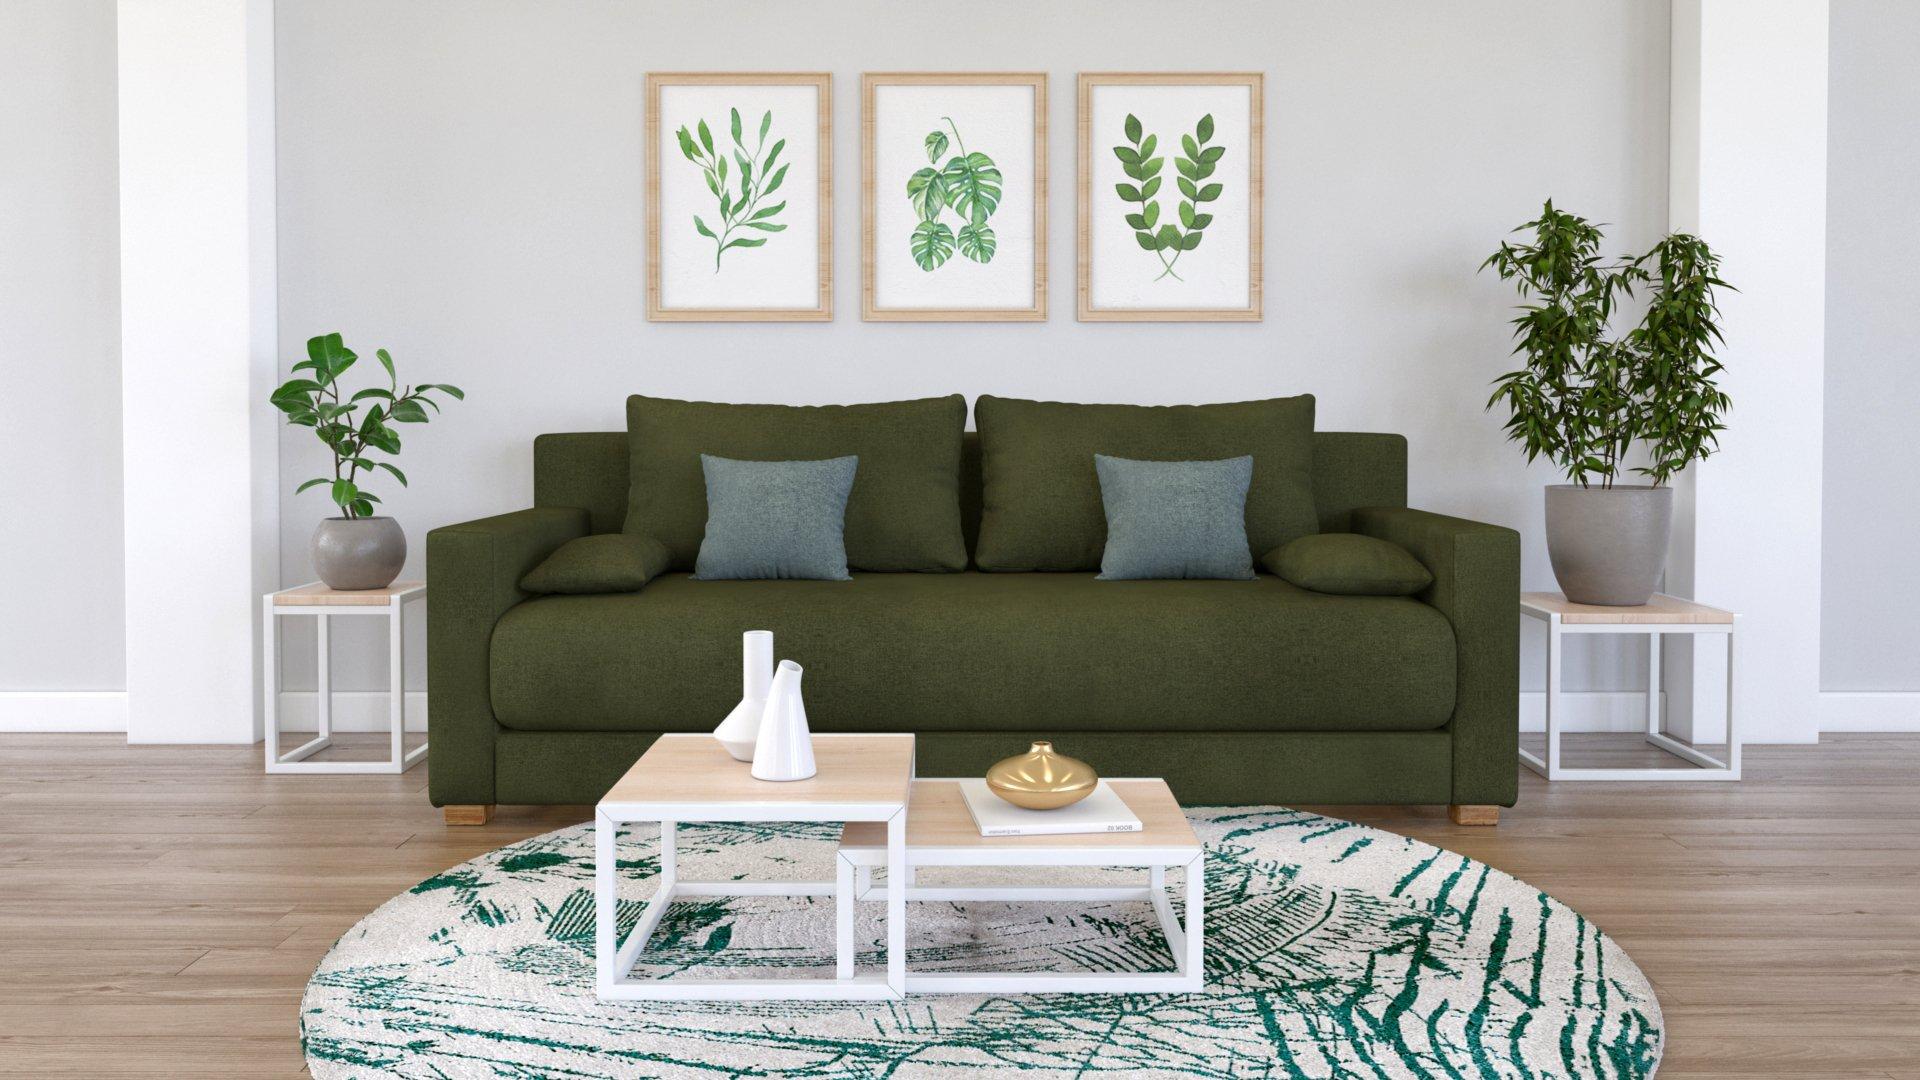 Pourquoi mettre des plantes d'intérieur dans son salon ?